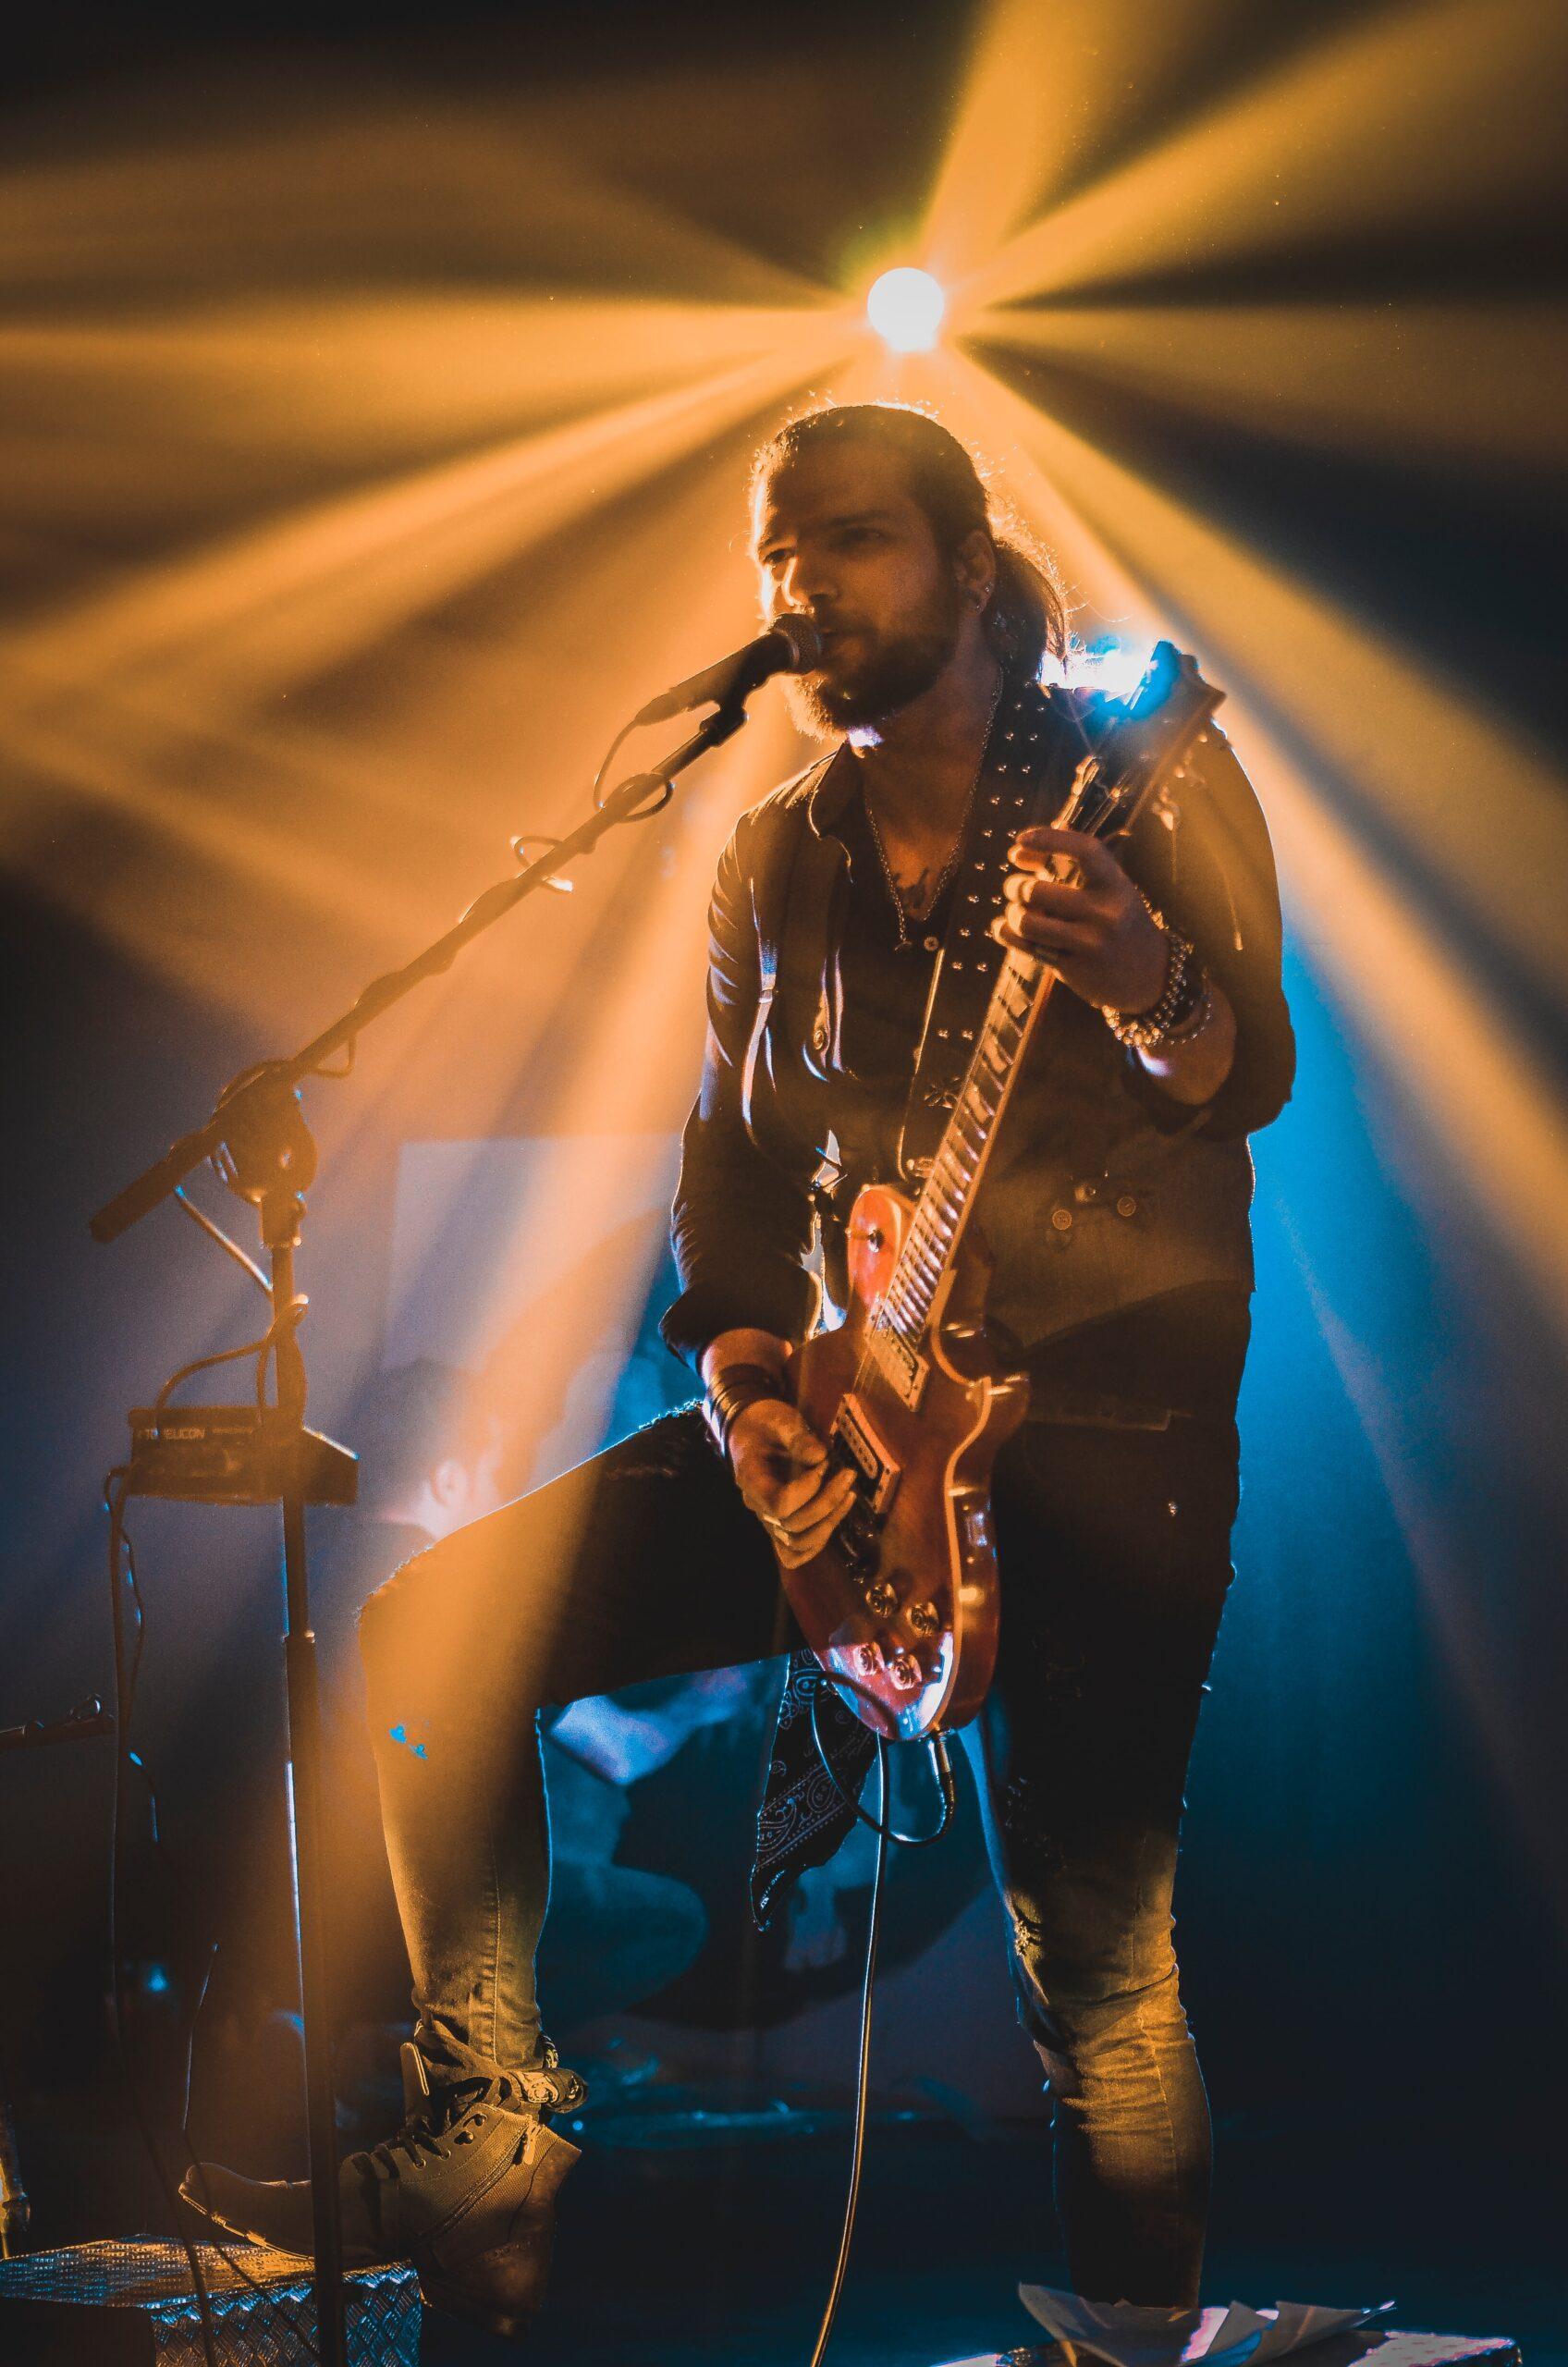 sam-moqadam-Guitarist on stage -unsplash